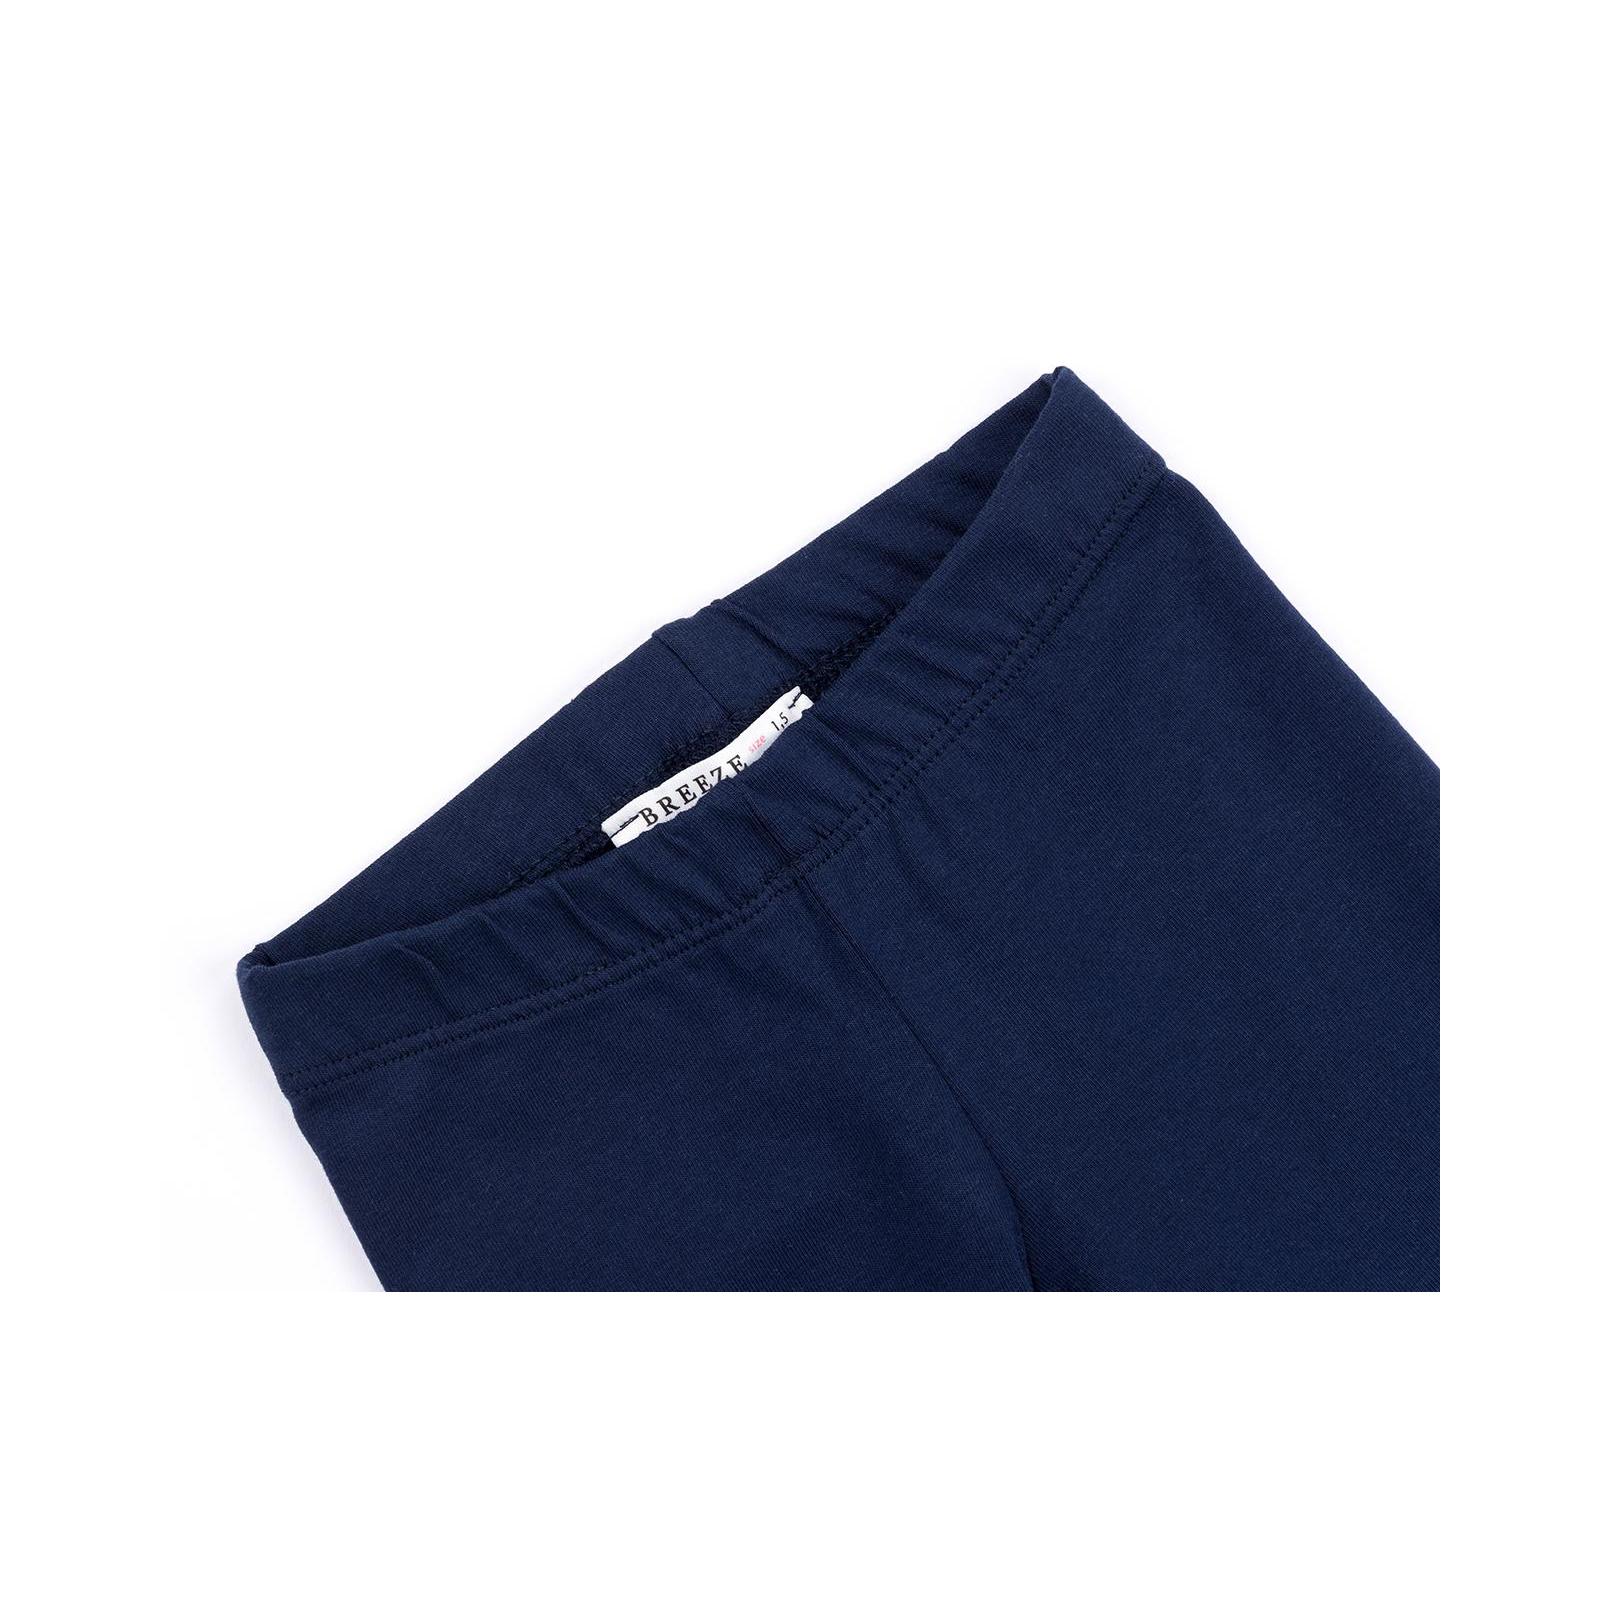 Набор детской одежды Breeze с коронкой (10869-110G-blue) изображение 10